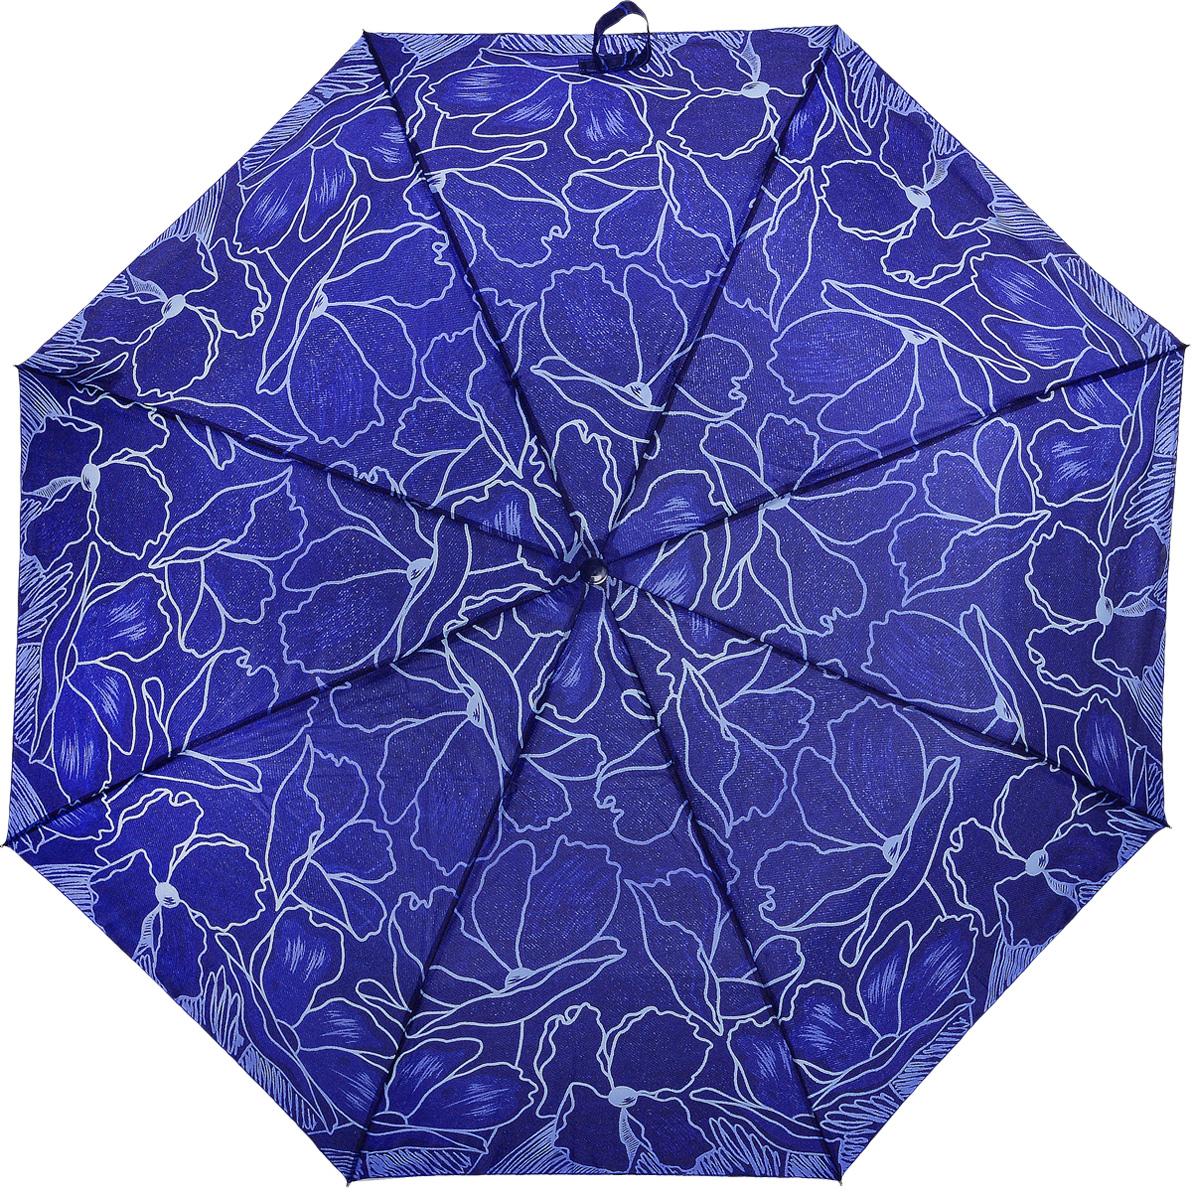 Зонт женский Prize, механический, 3 сложения, цвет: синий, голубой. 355-4173.7-12 navyКлассический женский зонт в 3 сложения с механической системой открытия и закрытия. Удобная ручка выполнена из пластика. Модель зонта выполнена в стандартном размере. Данная модель пердставляет собой эконом класс.